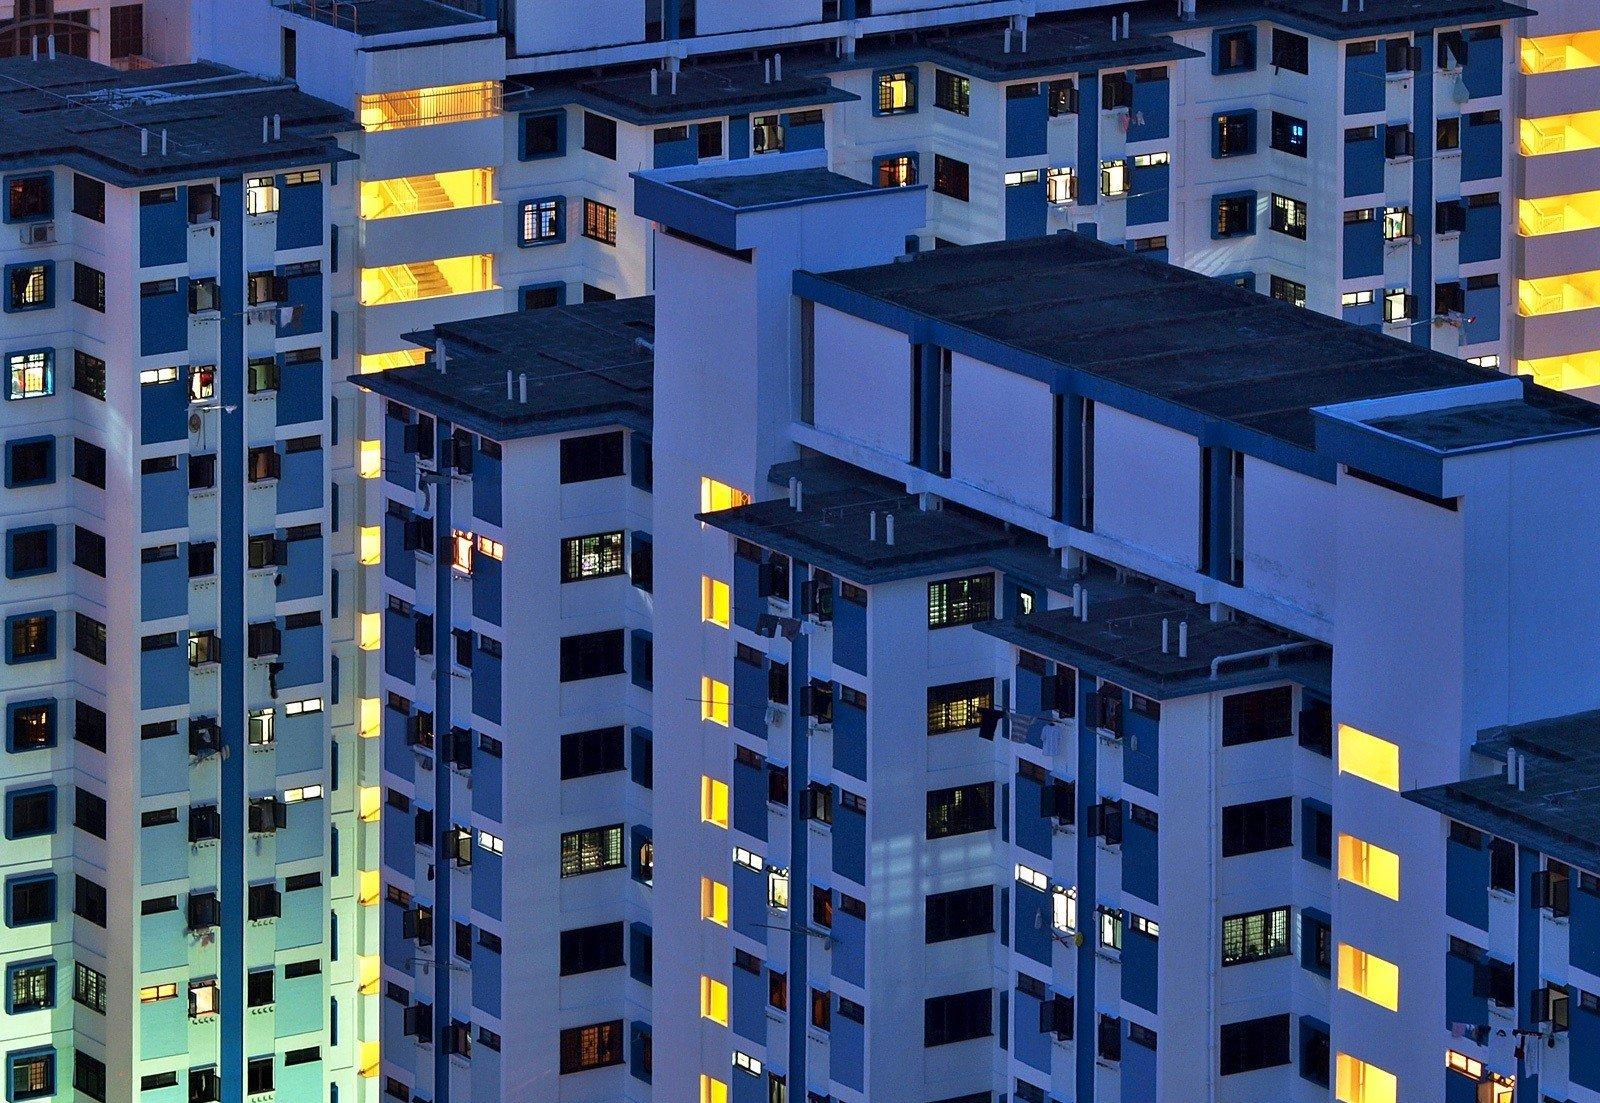 Картинки зданий многоэтажные дома